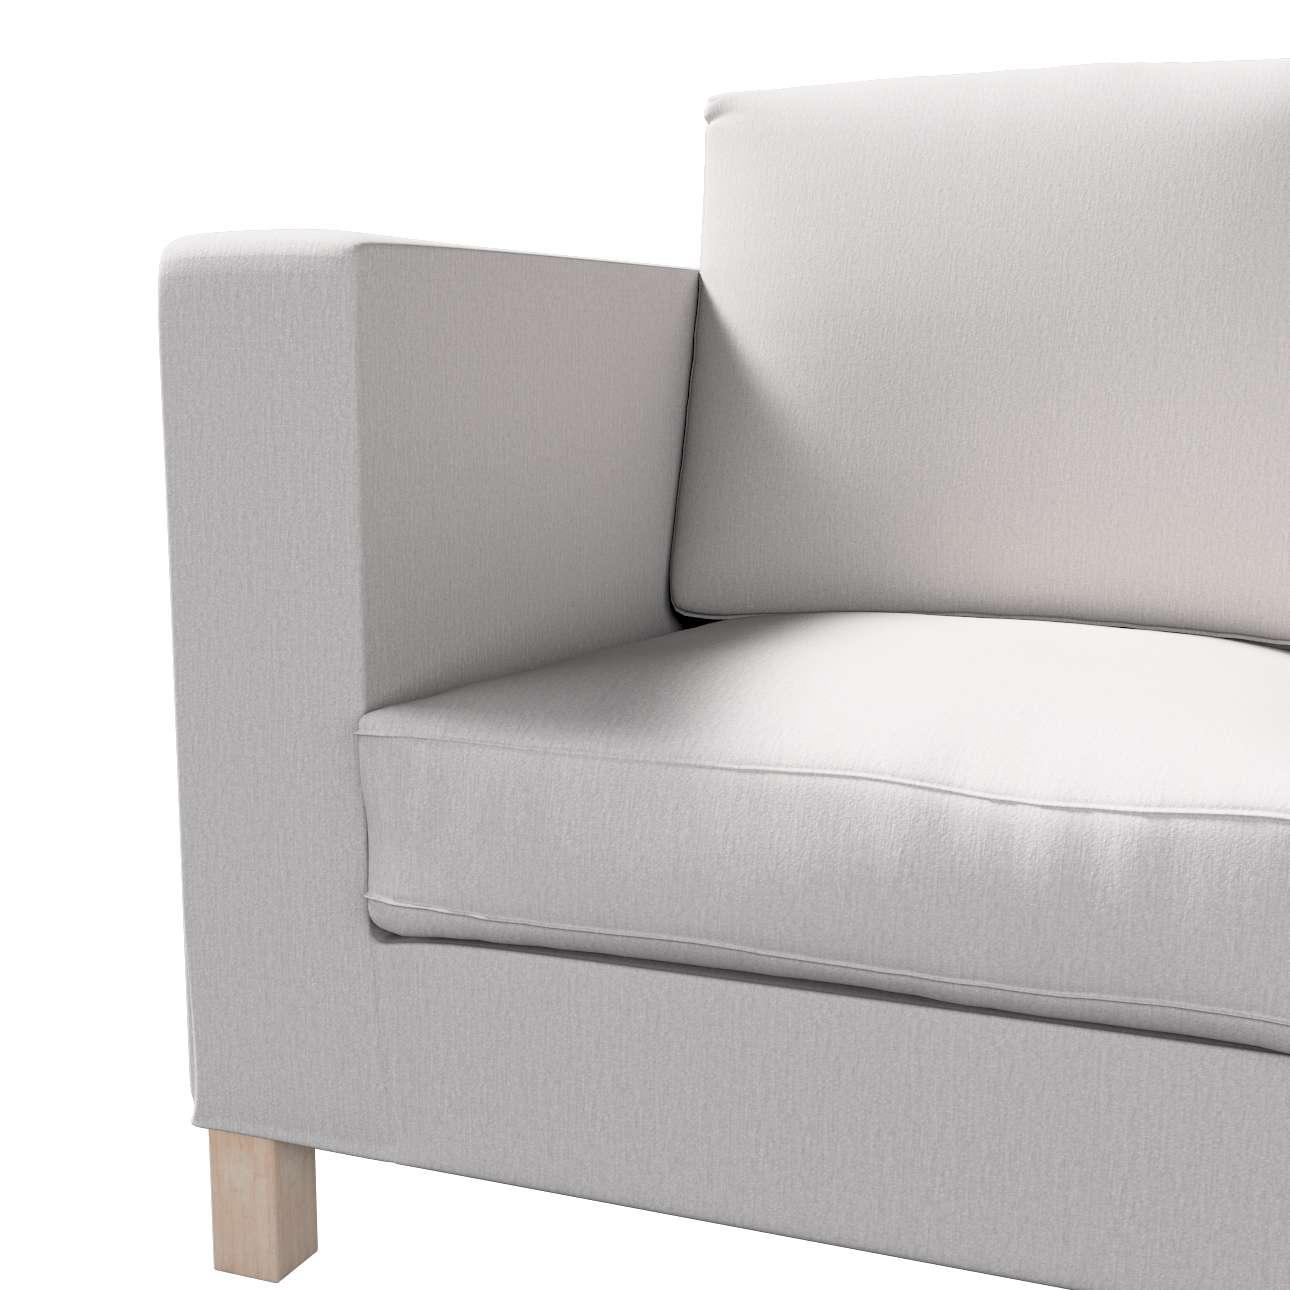 Potah na pohovku IKEA  Karlanda 3-místná nerozkládací, krátký v kolekci Chenille, látka: 702-23